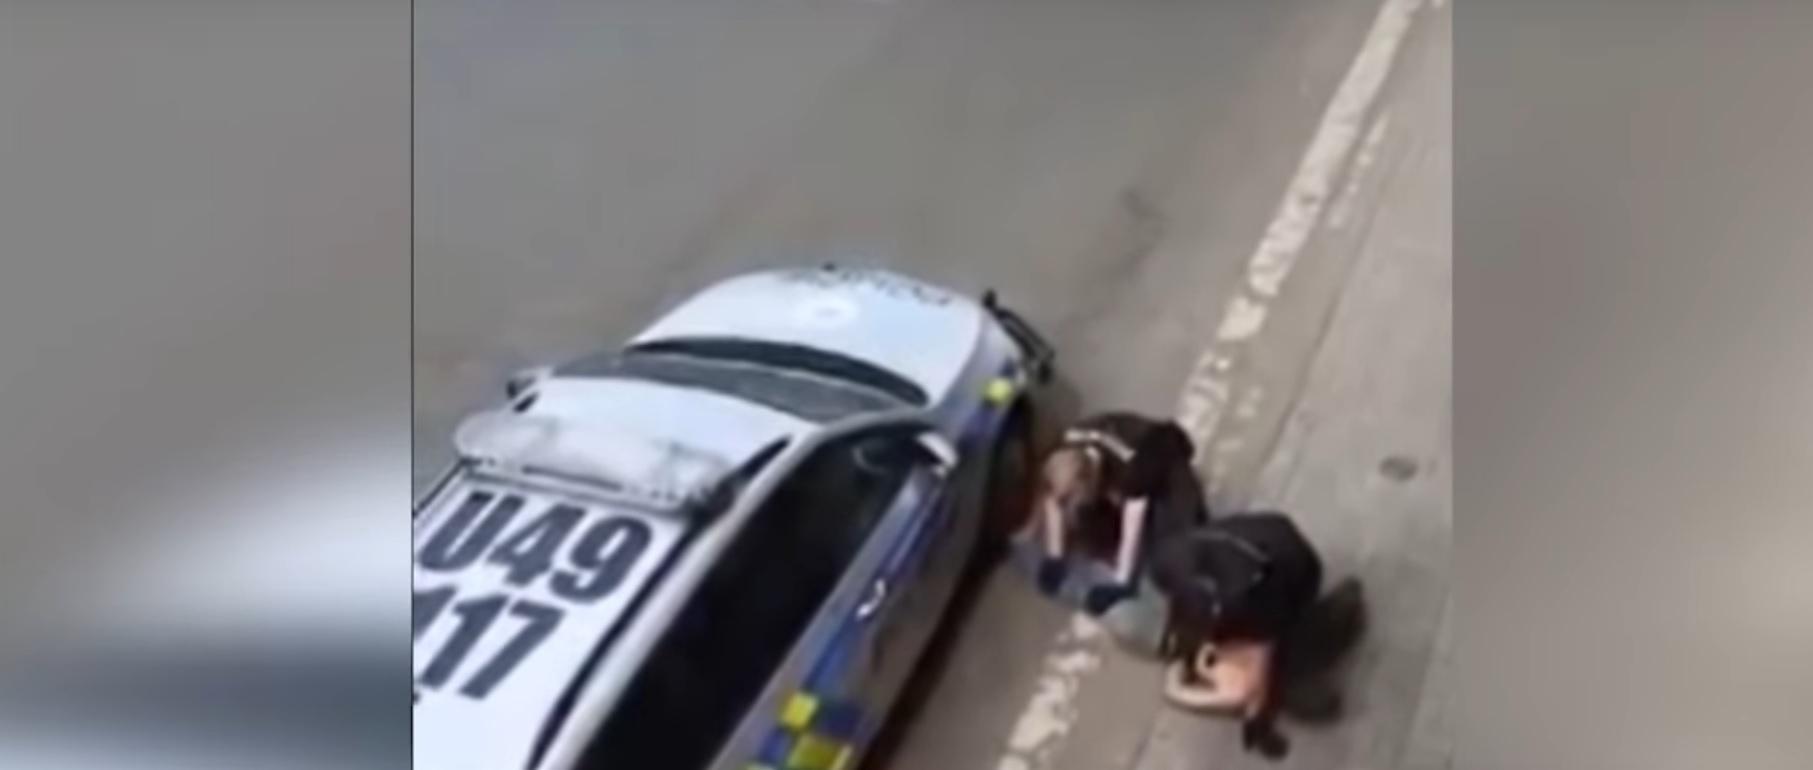 Cehia, în mijlocul unui scandal de proporţii. Un tânăr de origine rroma, imobilizat la fel ca George Floyd: suspectul a murit în ambulanţă - VIDEO